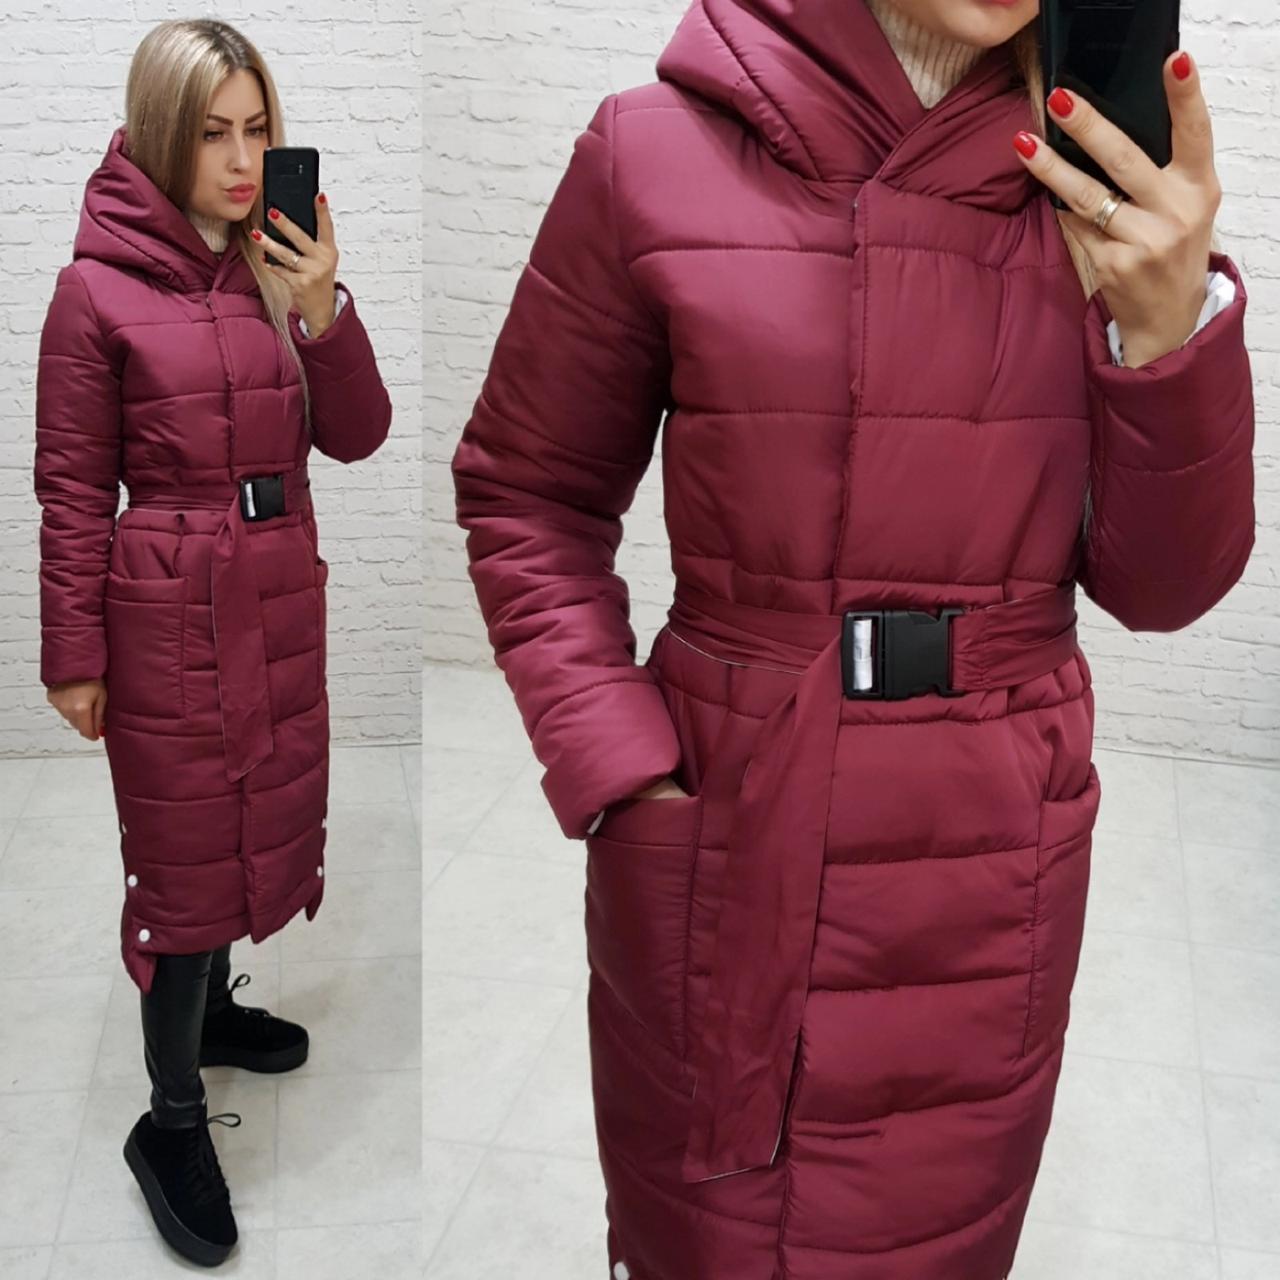 Зимняя приталенная куртка пуховик с поясом, артикул 032, цвет марсала